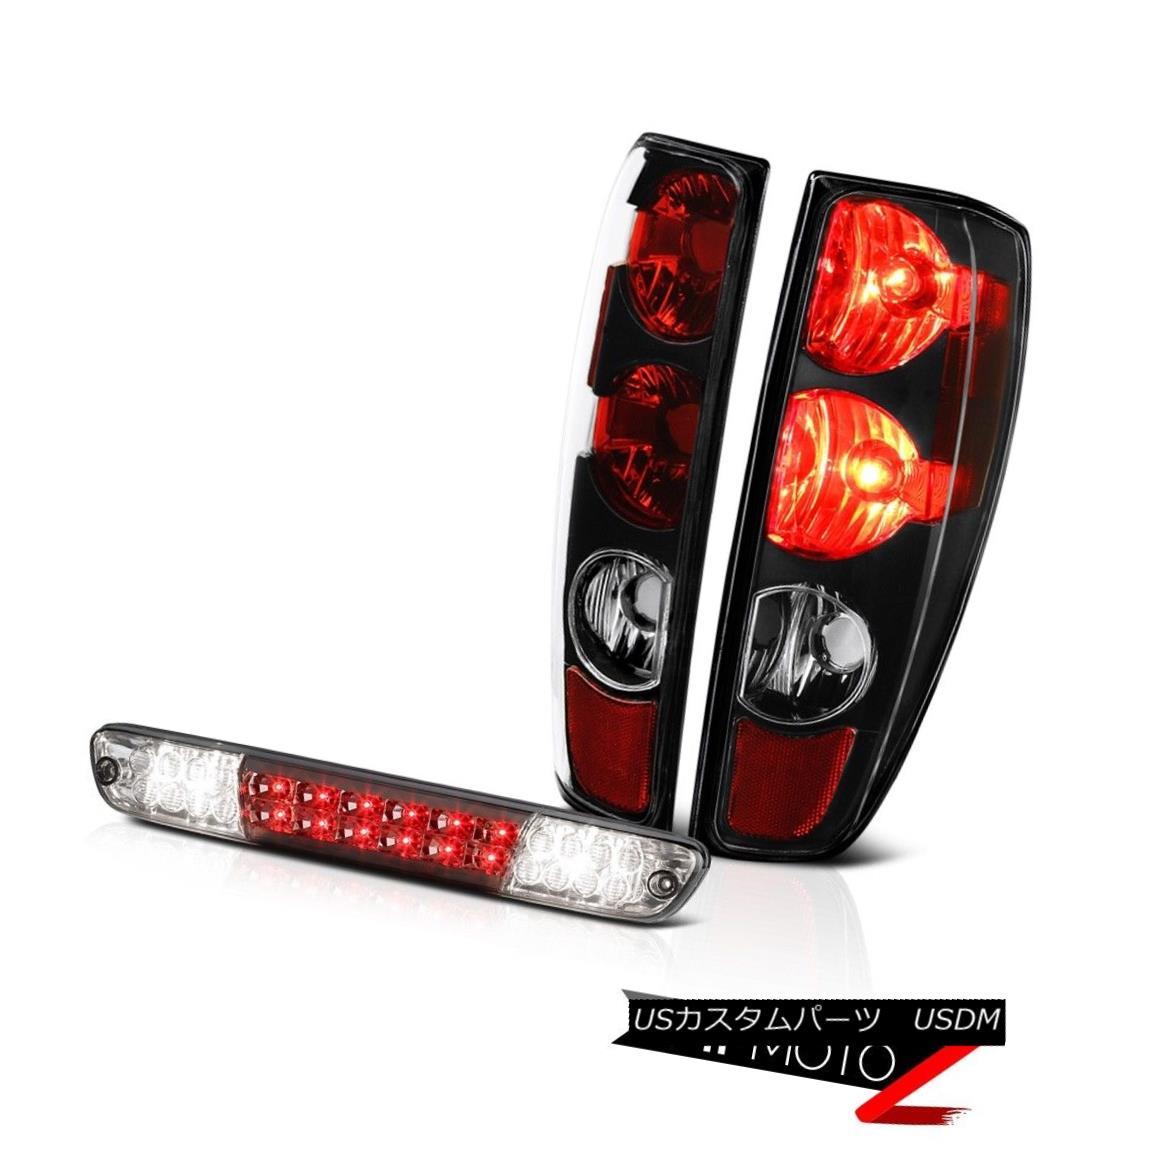 テールライト 04-08 09-12 Chevy Colorado Infinity Black Tail Lamps Titanium Smoke Third Brake 04-08 09-12 Chevy Coloradoインフィニティブラックテールランプチタンスモークサードブレーキ